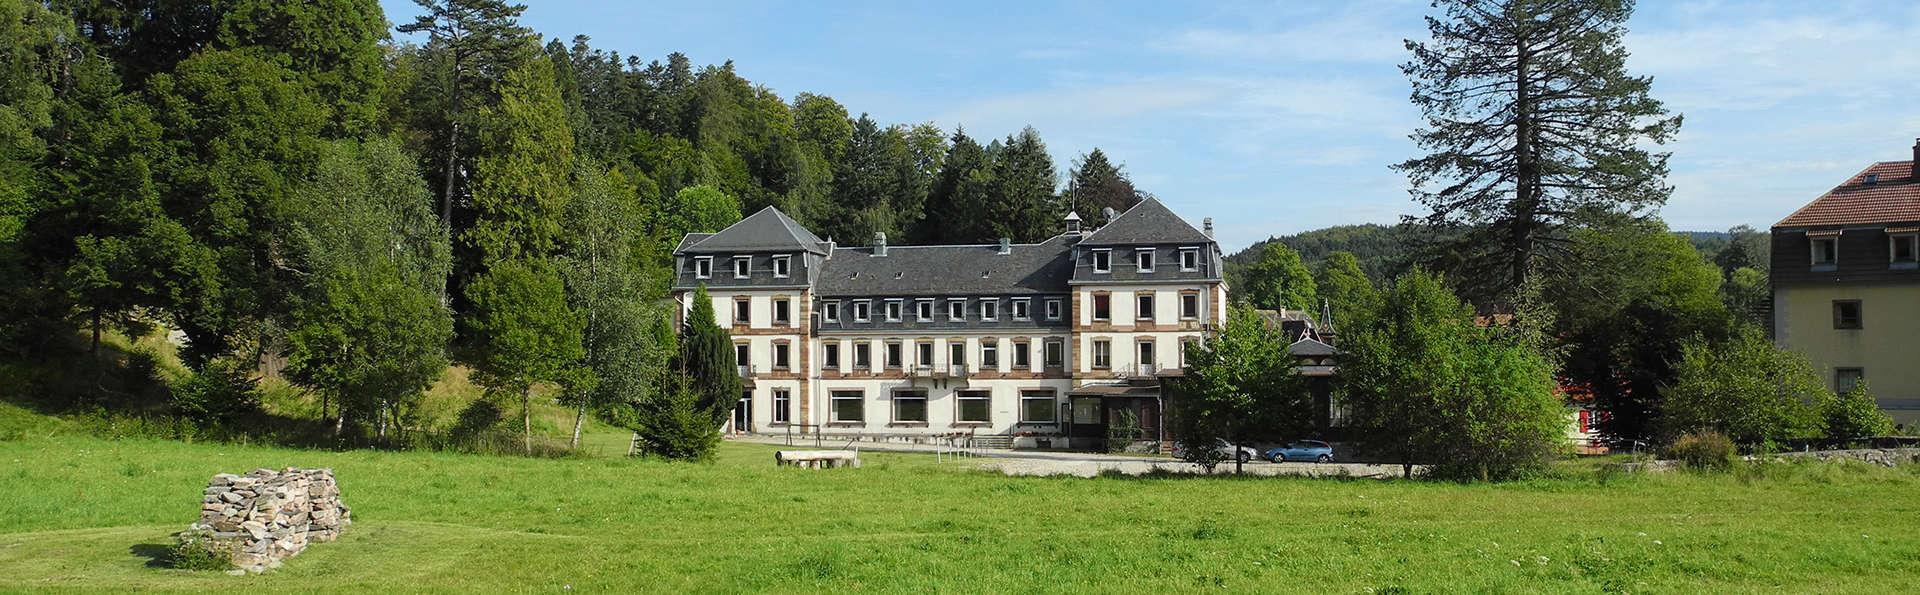 Grand Hôtel du Hohwald  - edit_facade_garden.jpg